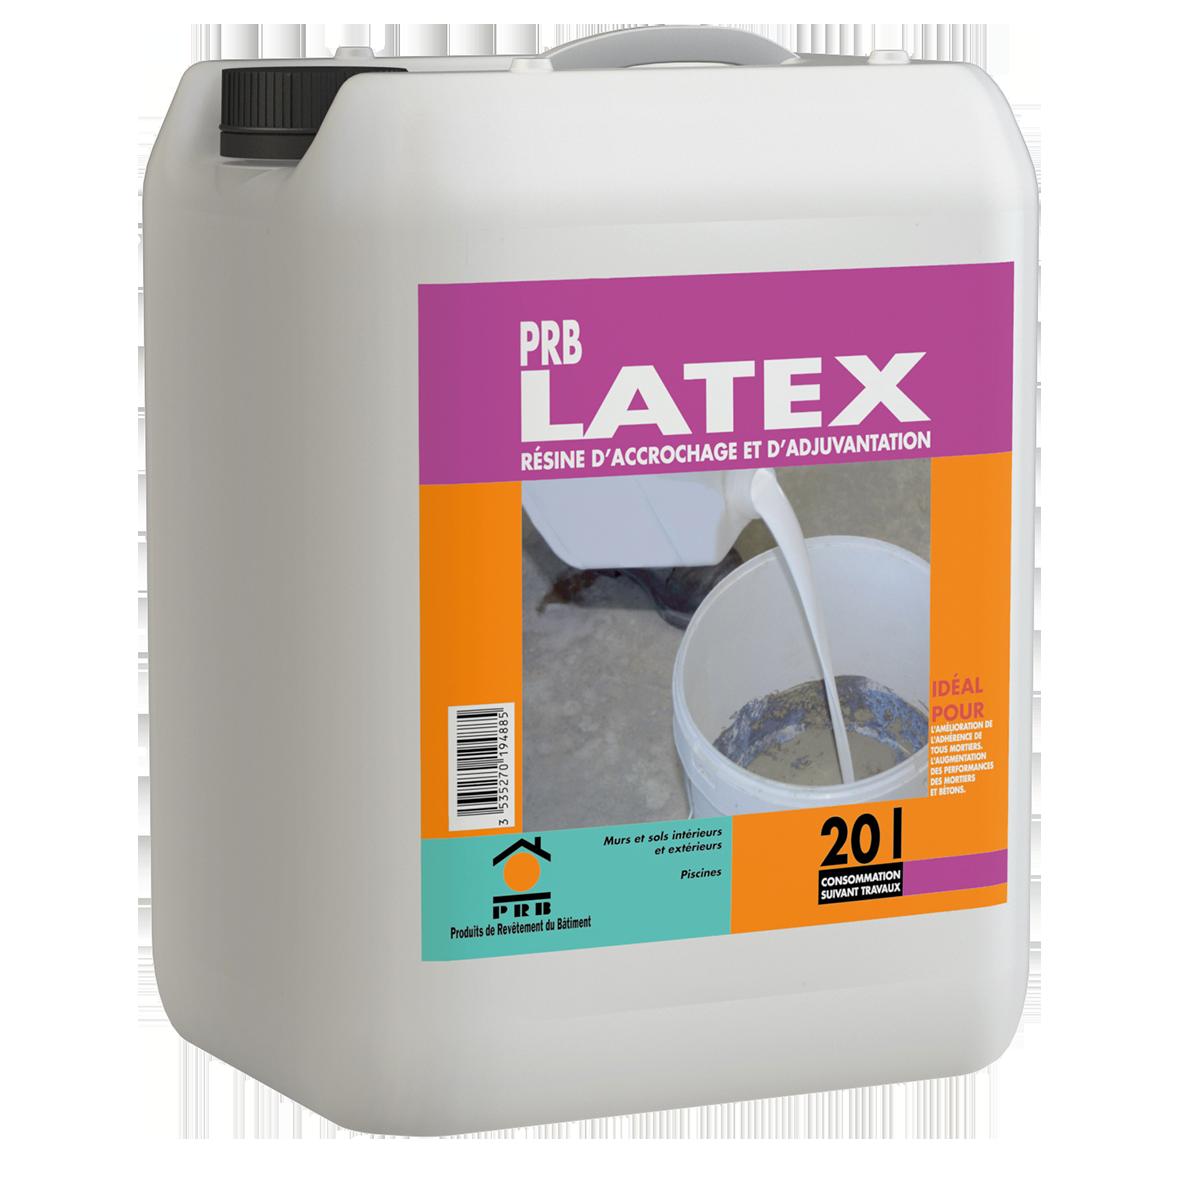 PRB LATEX 20 l